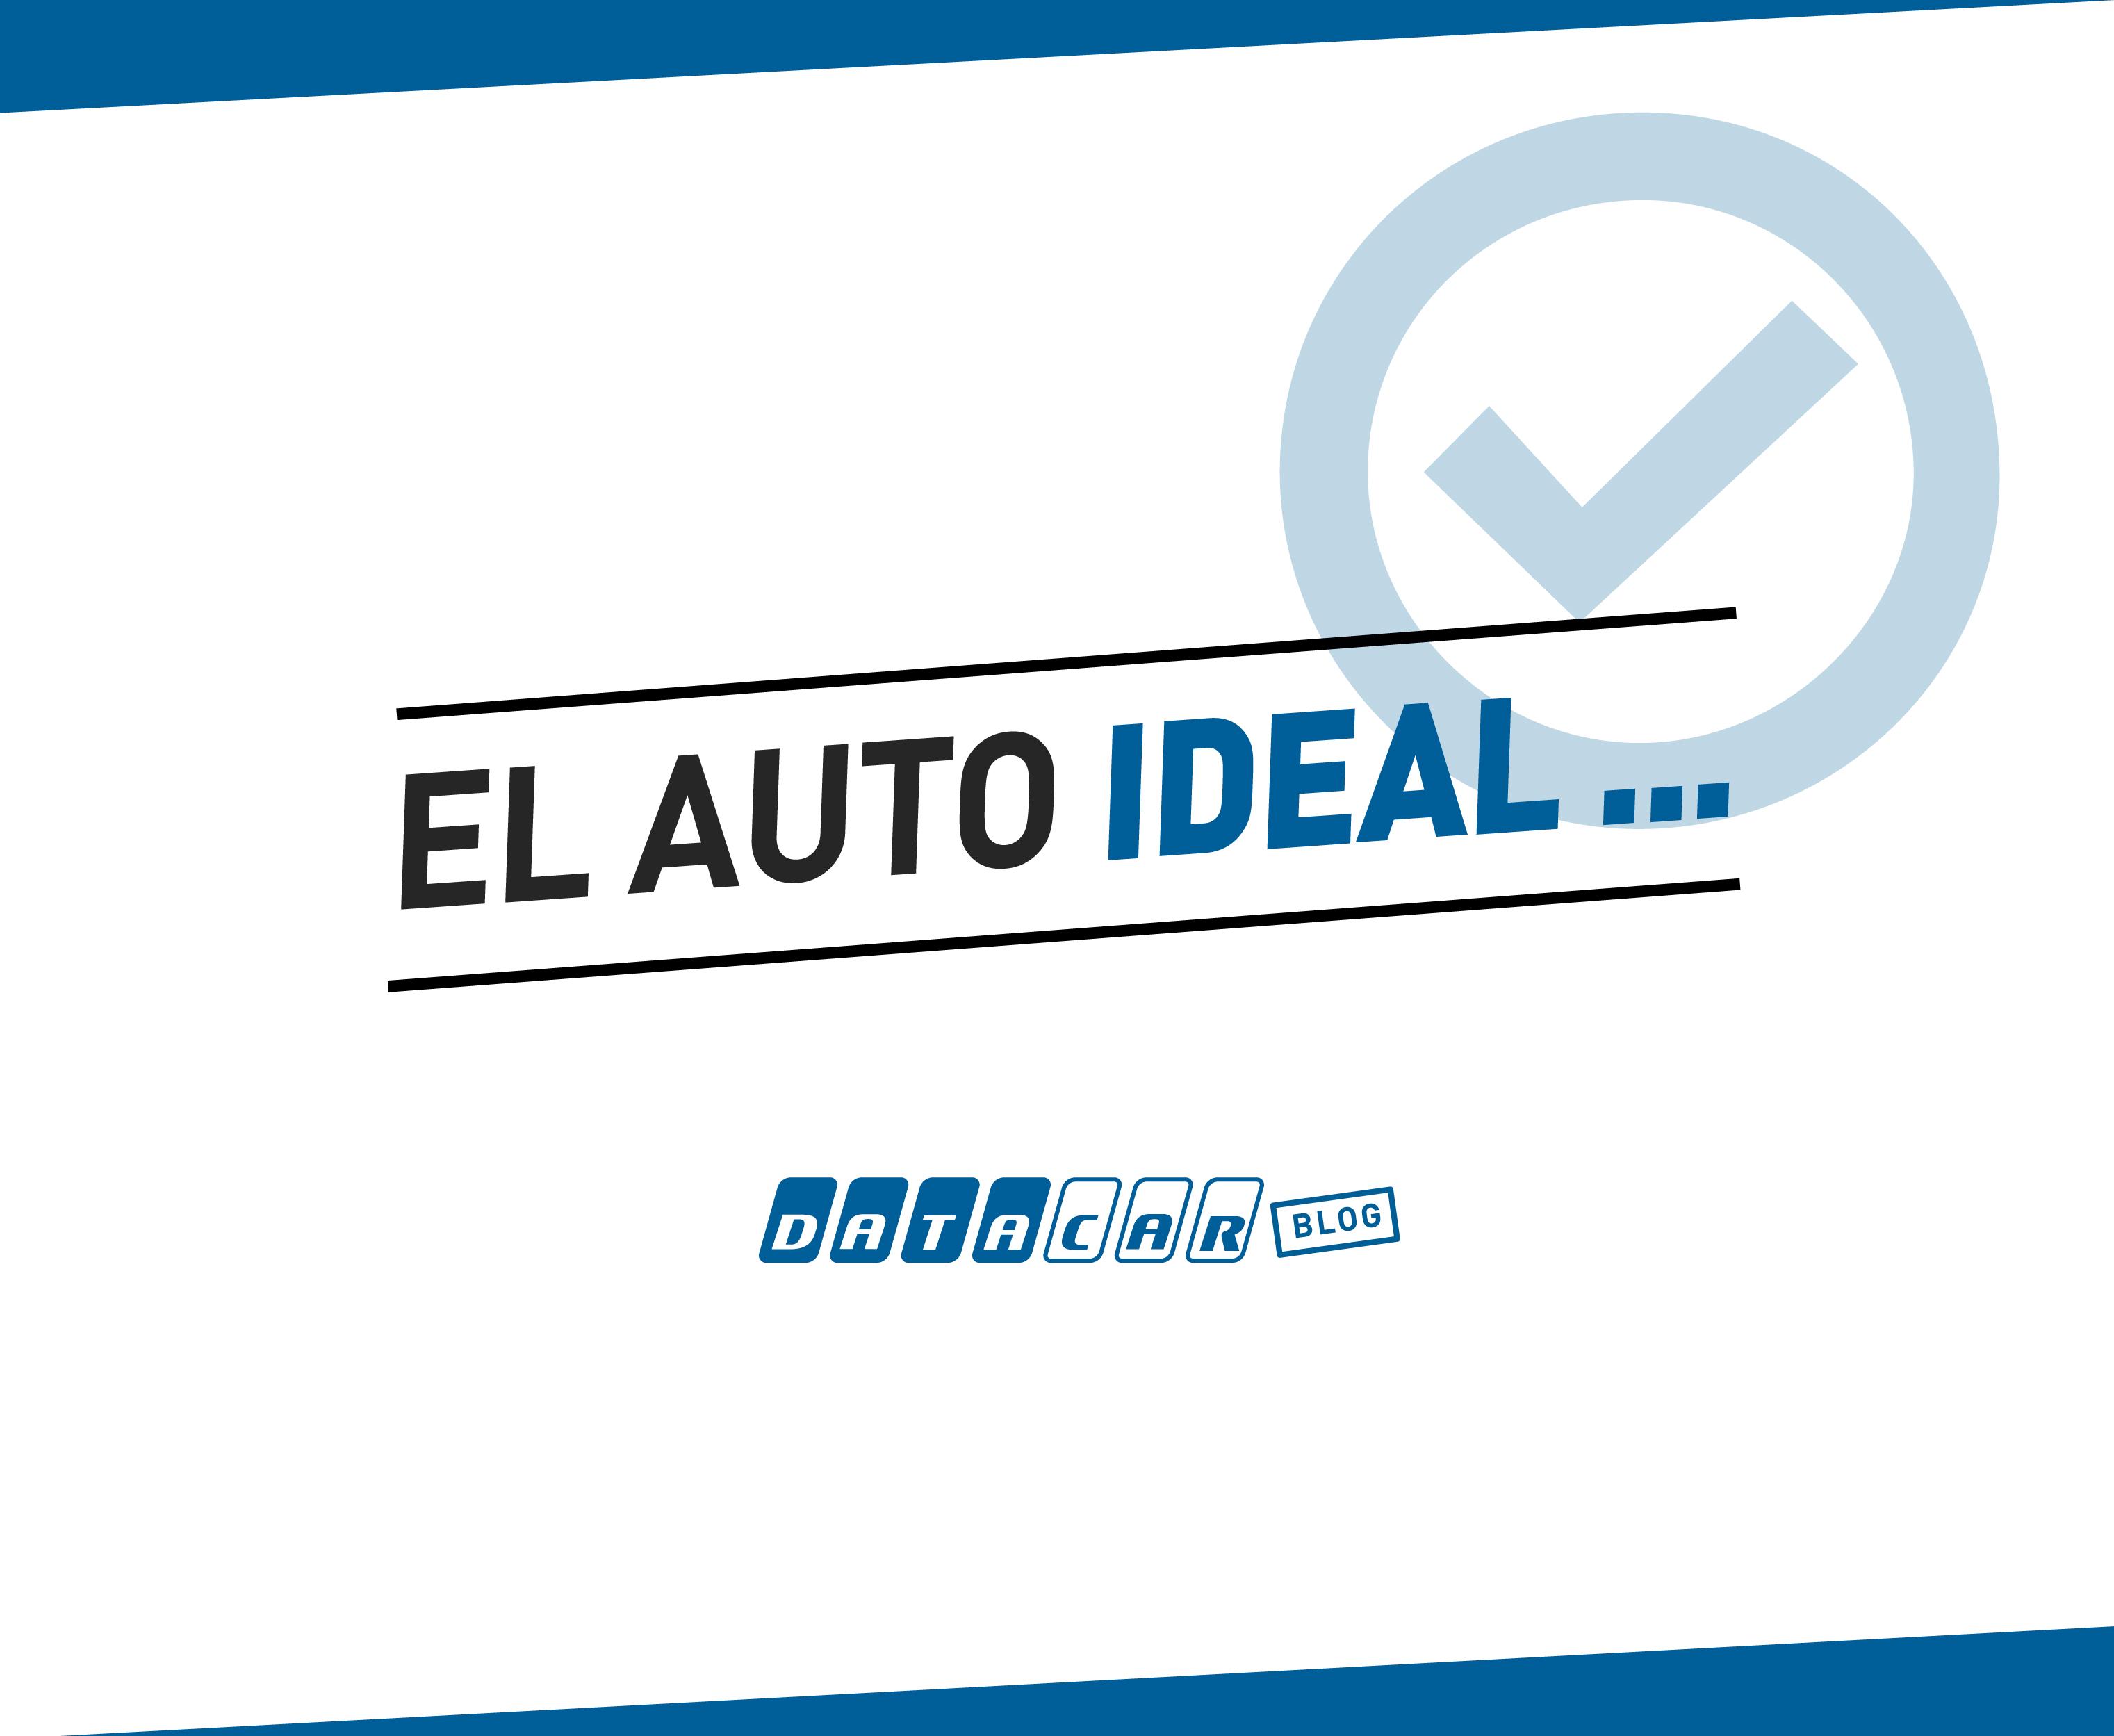 DATACAR: Cómo elegir el auto ideal para vos